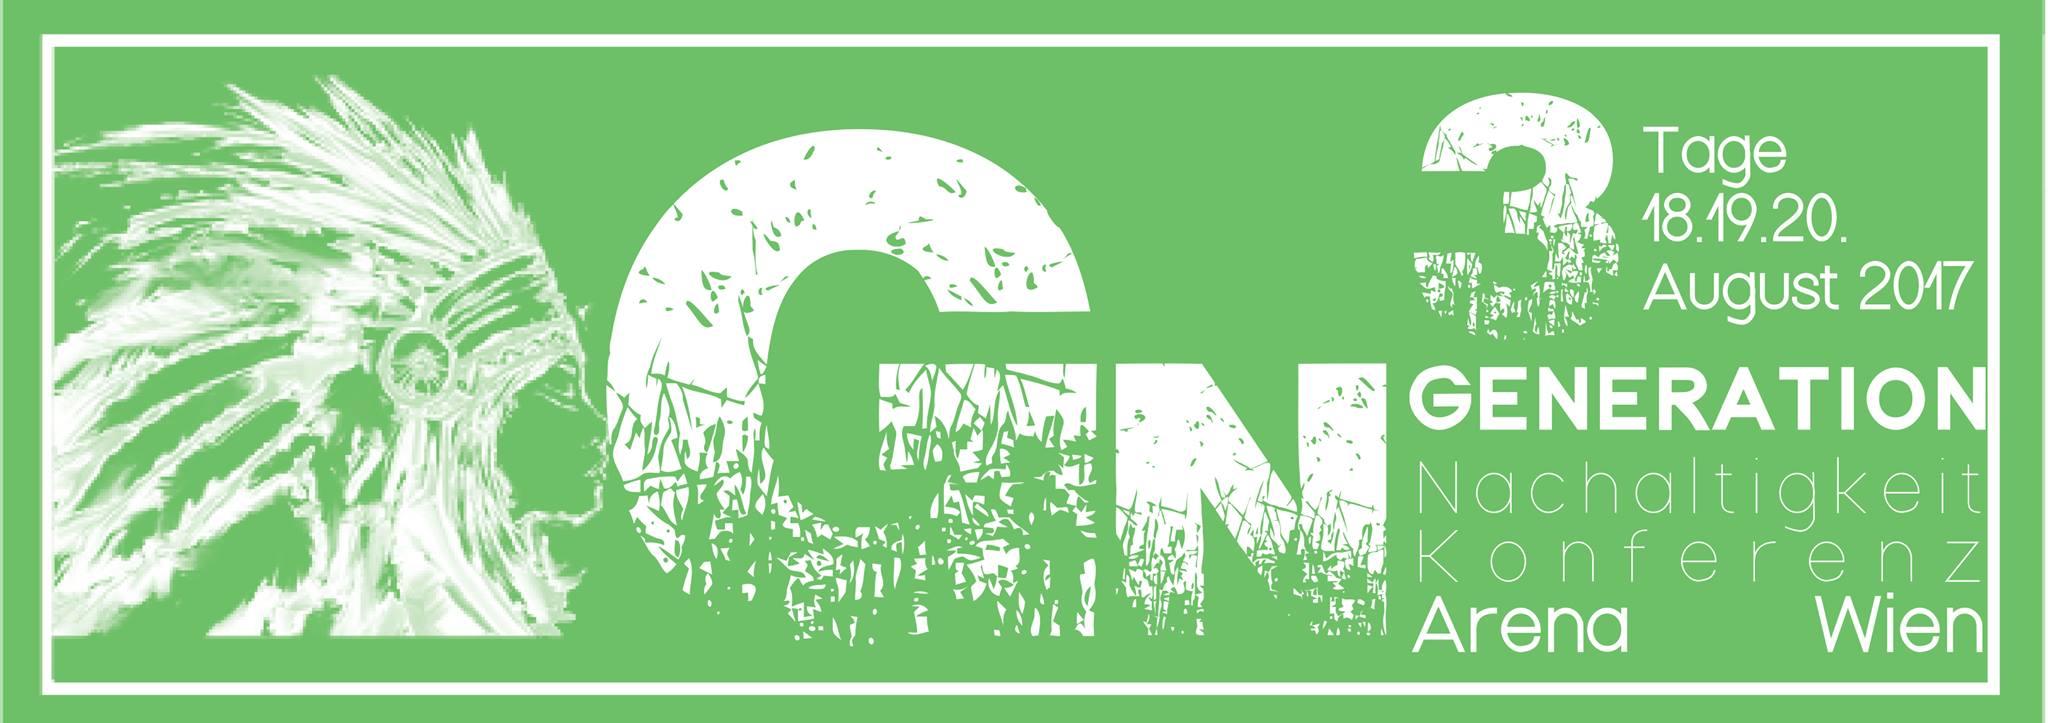 Generationen-Nachhaltigkeits Konferenz